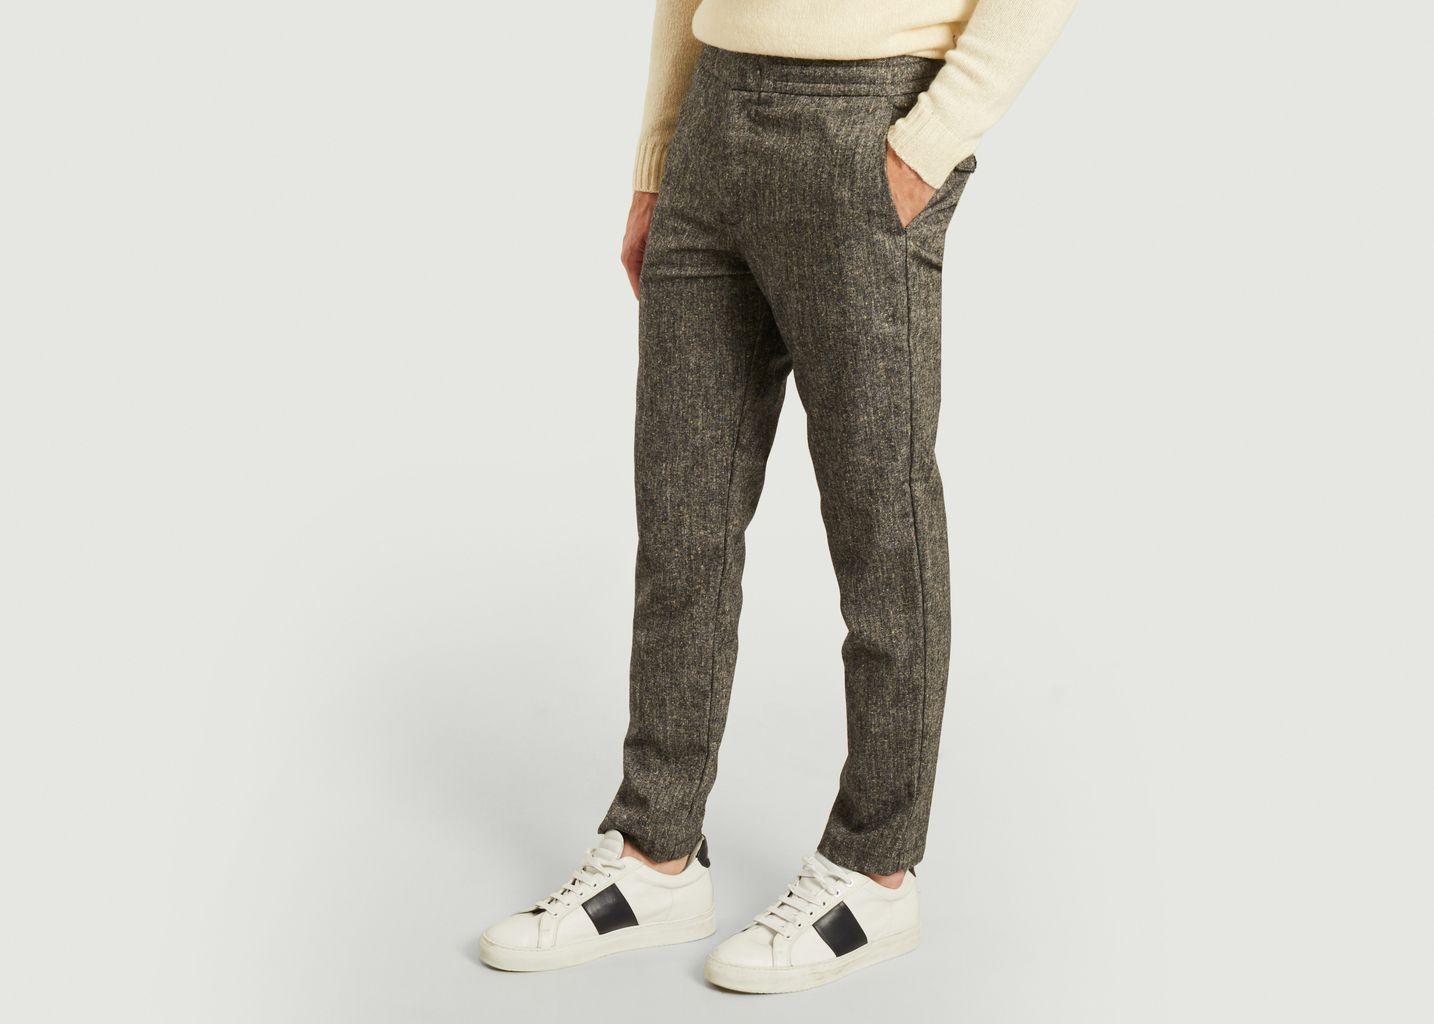 Pantalon texturé Fos - NN07